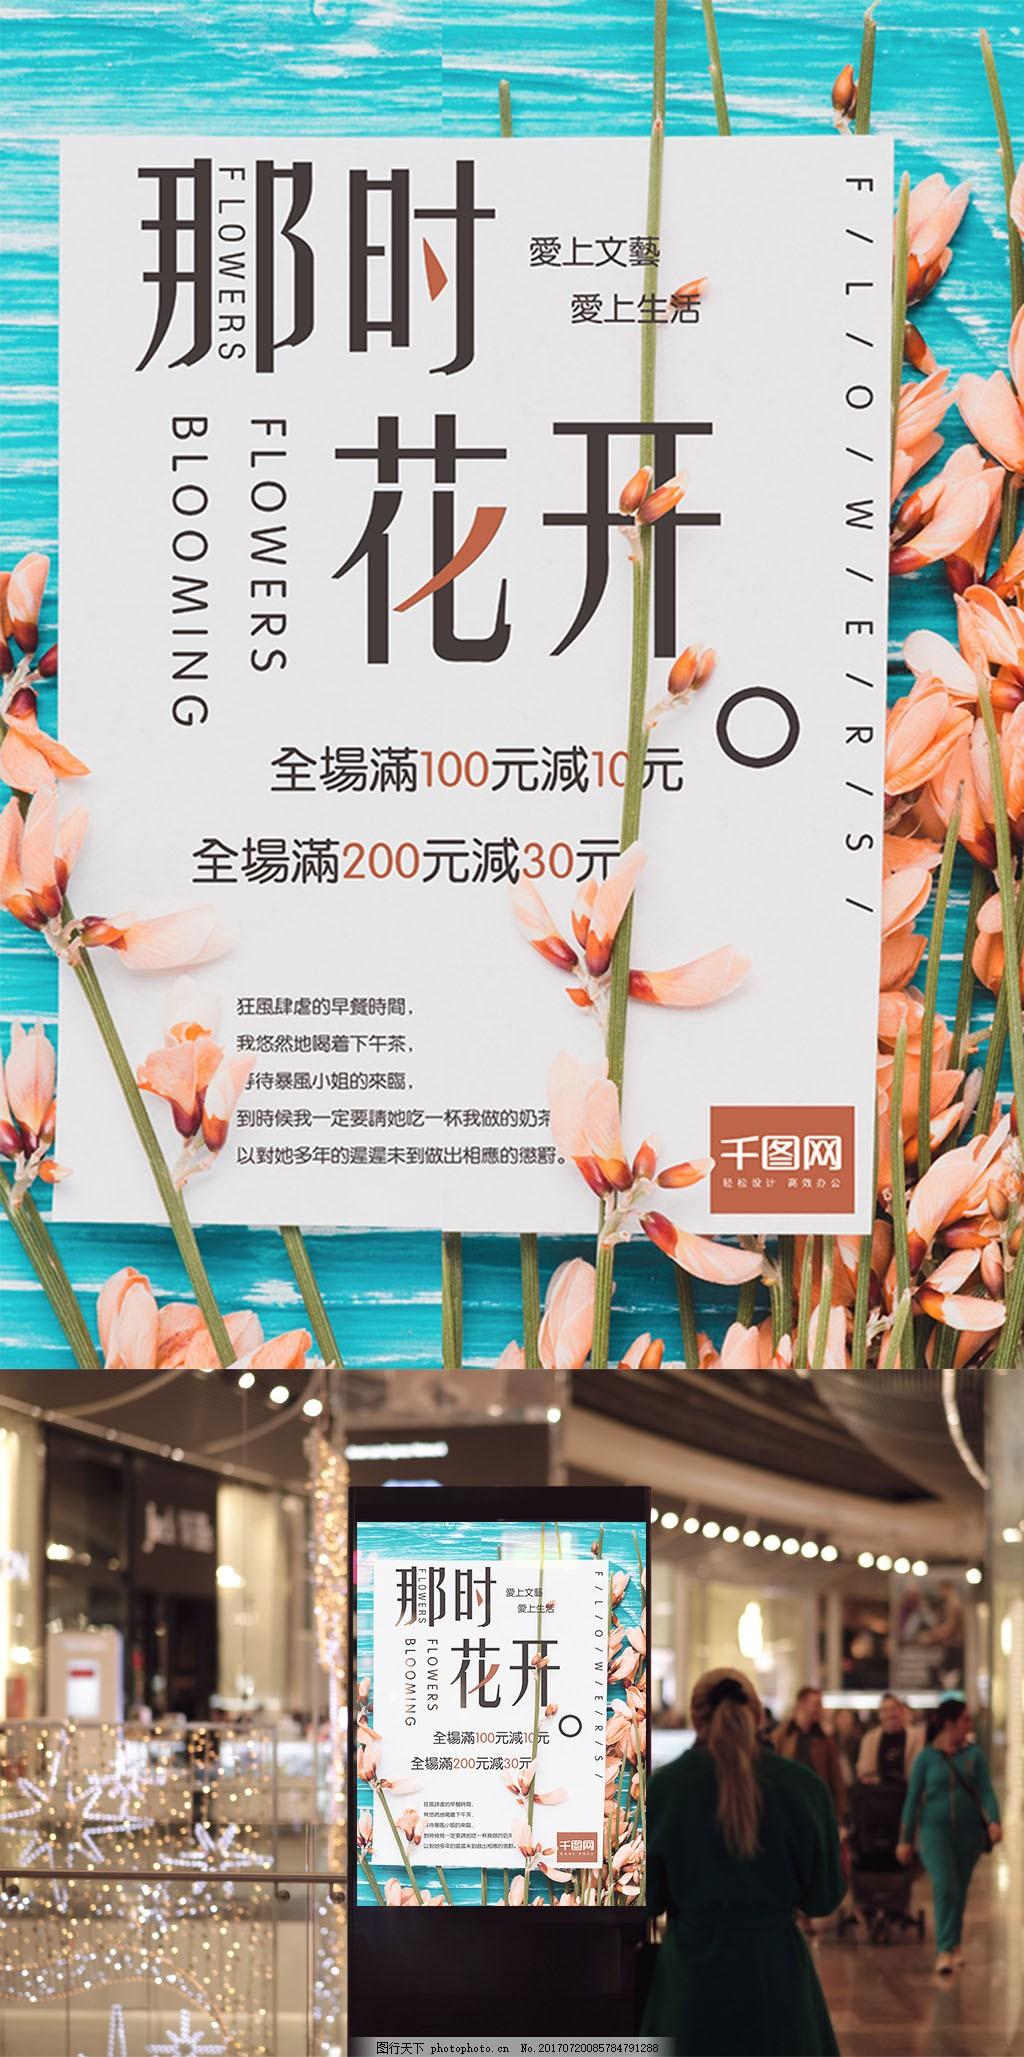 鲜花店文艺花朵创意商业海报设计模板 花店海报 花卉海报 鲜花 促销海